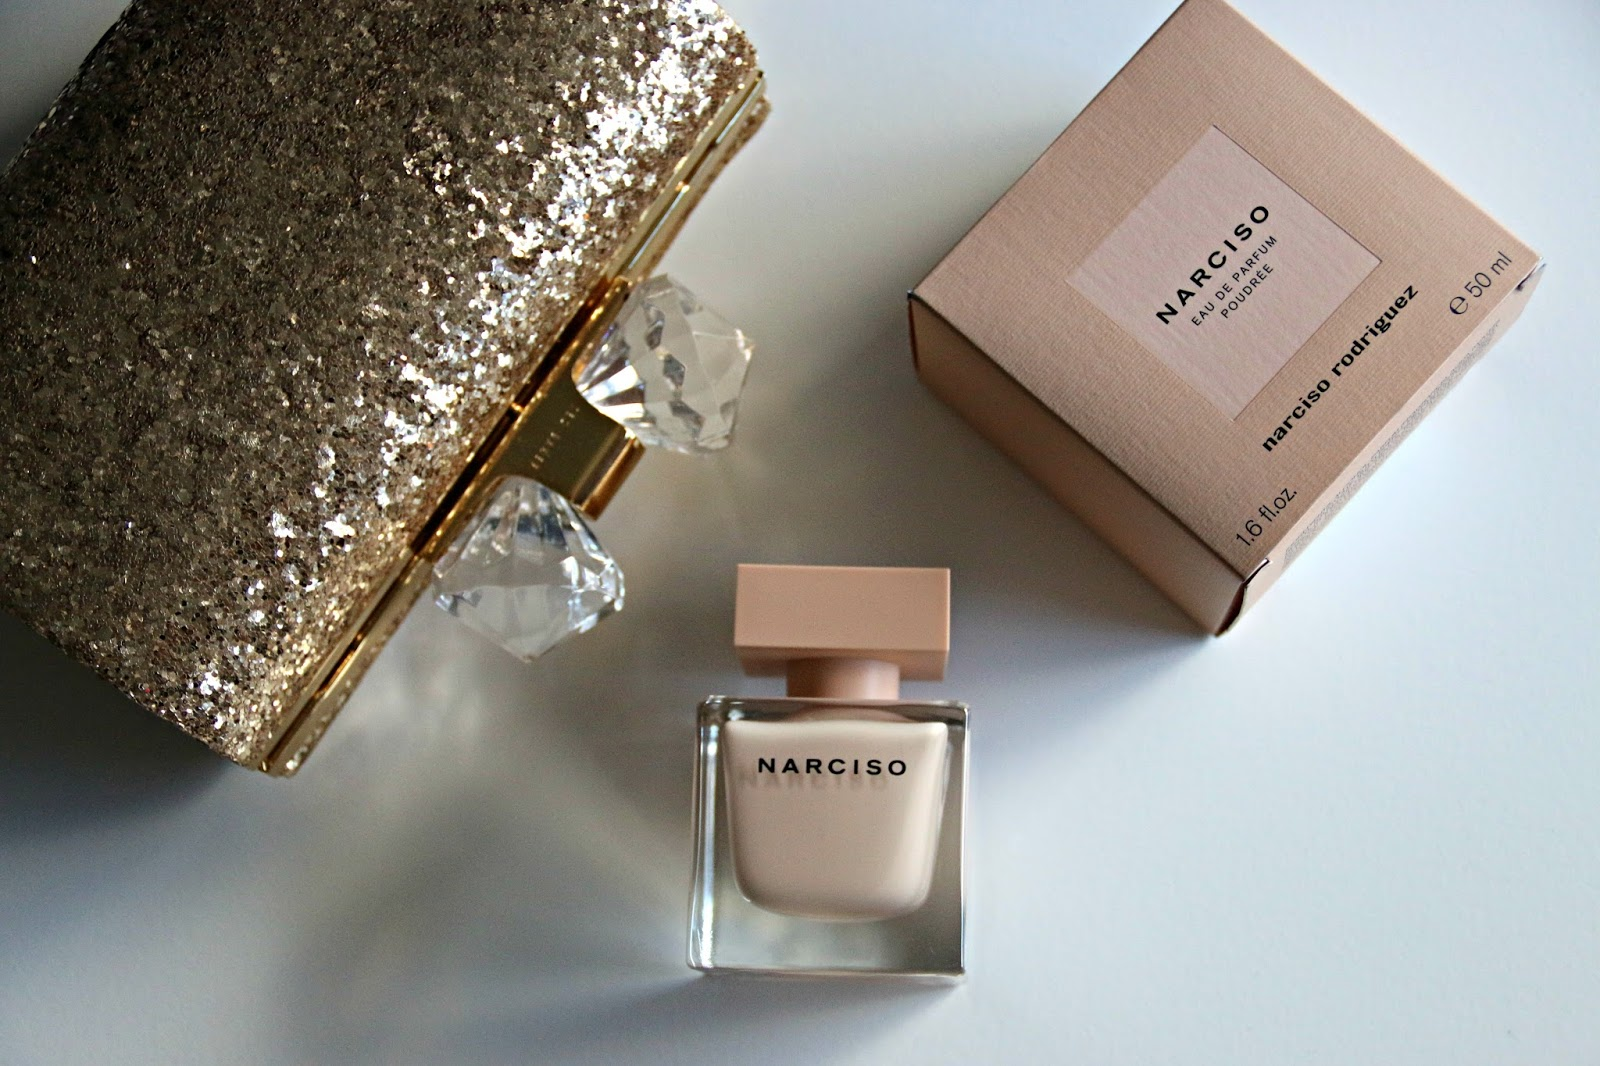 Narciso Poudrée Eau De Parfum by Narciso Rodriguez Review Image